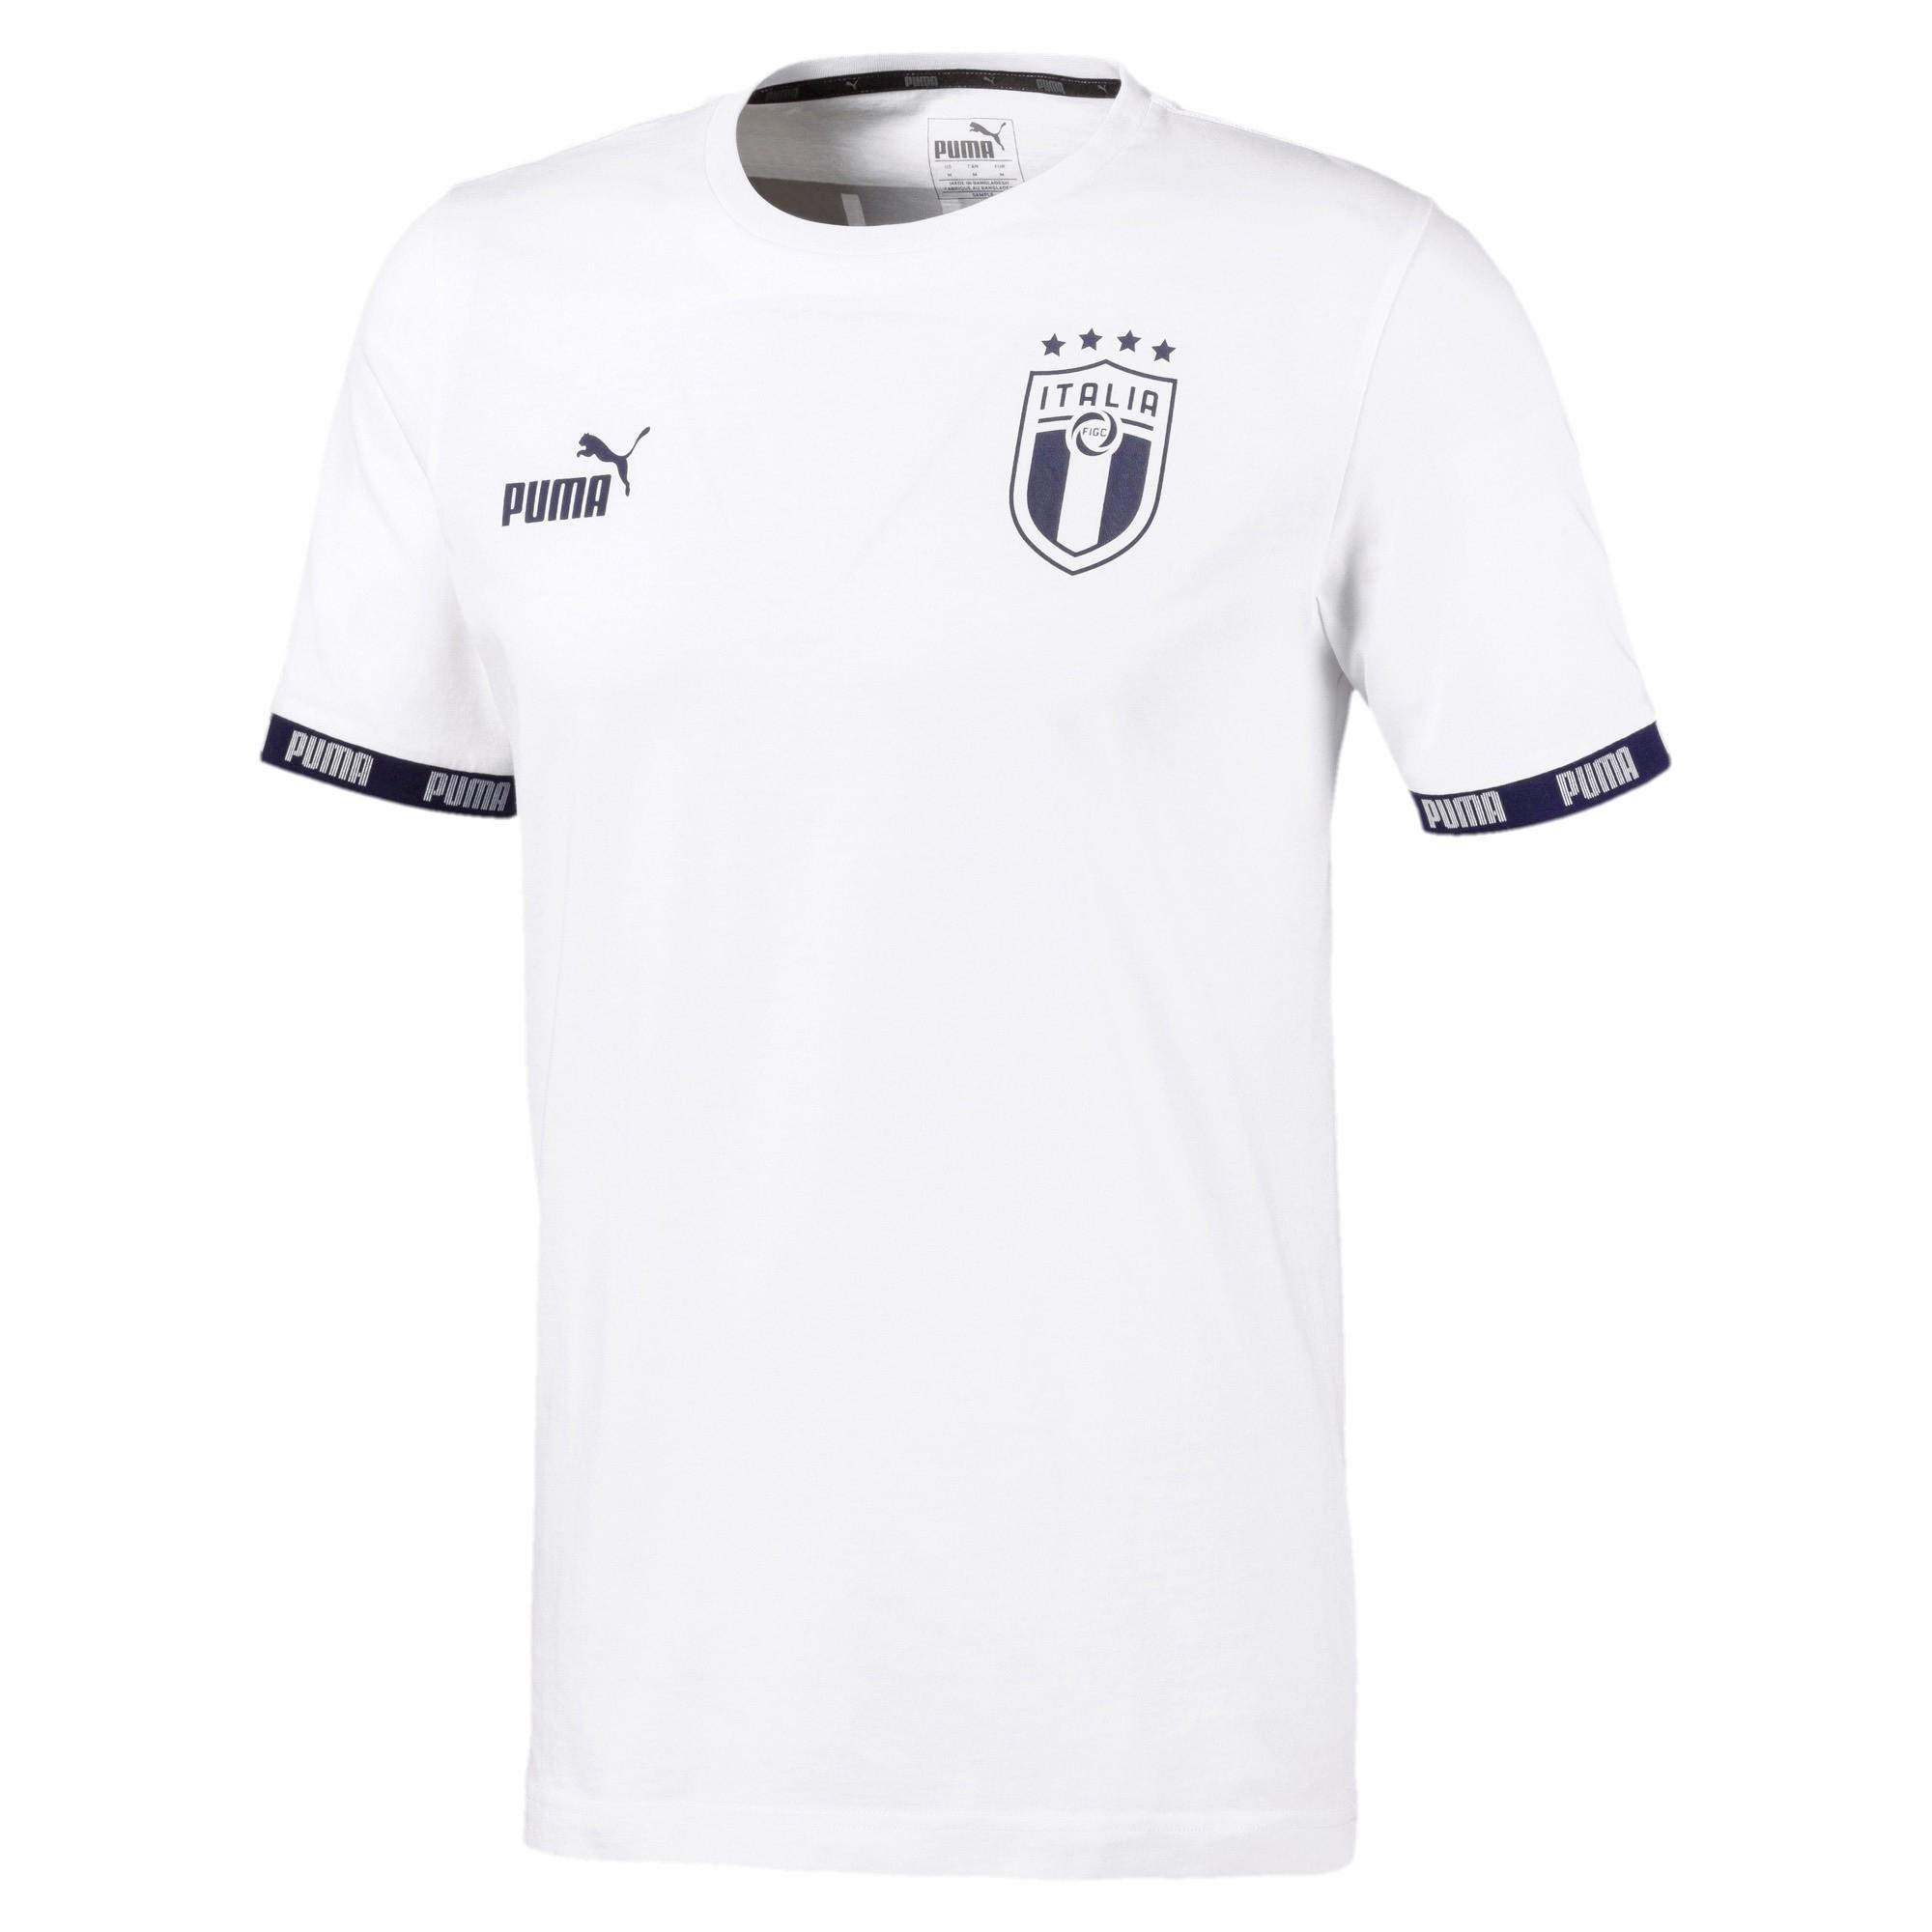 Puma T-shirt Ftblculture Italia